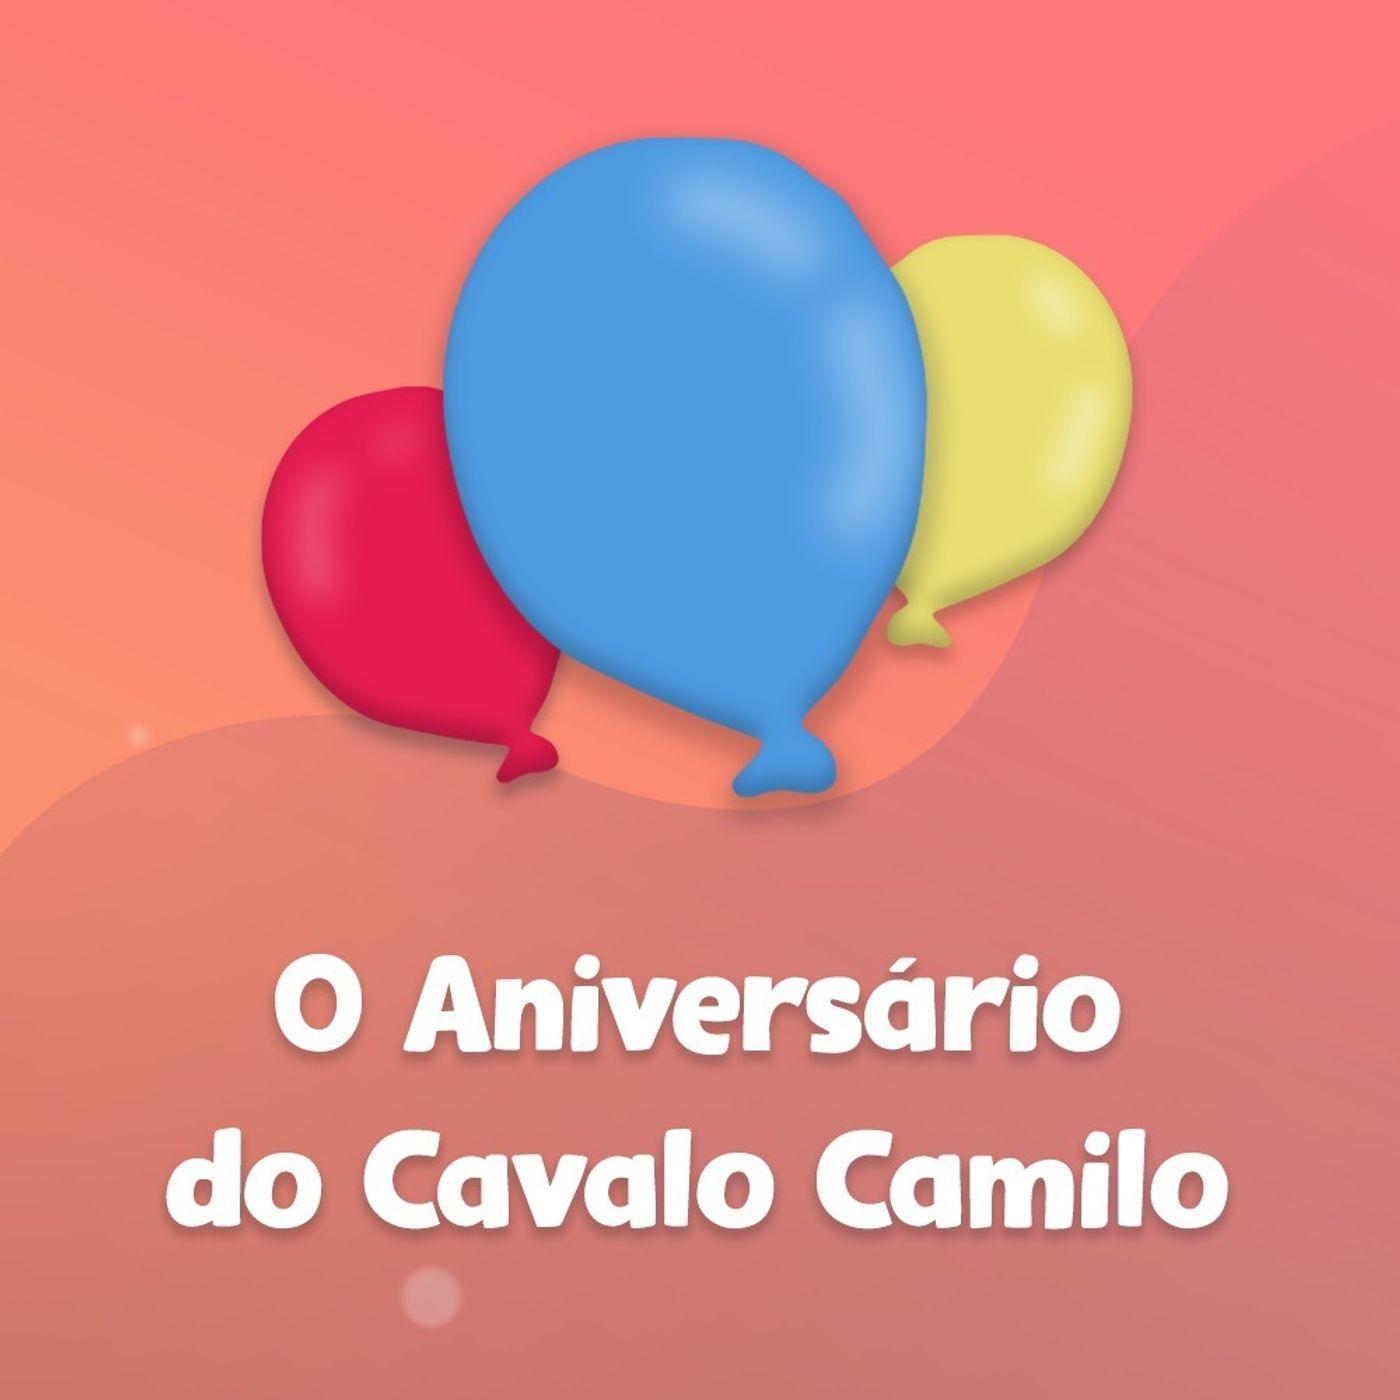 O Aniversário do Cavalo Camilo